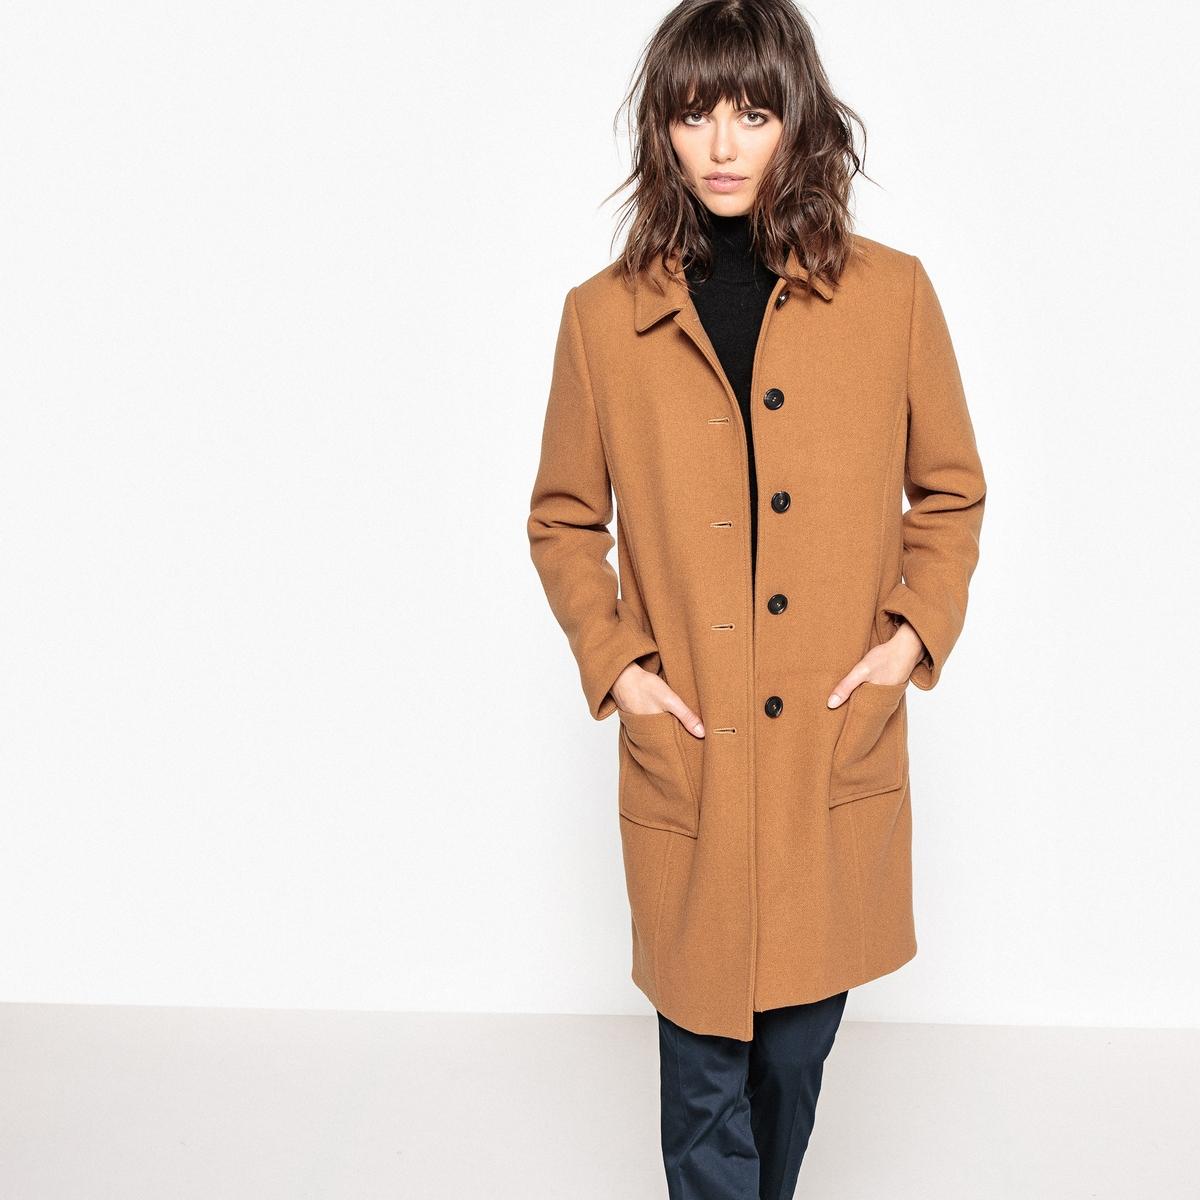 Пальто прямого покроя из шерстяного драпа пальто зимнее из шерстяного драпа